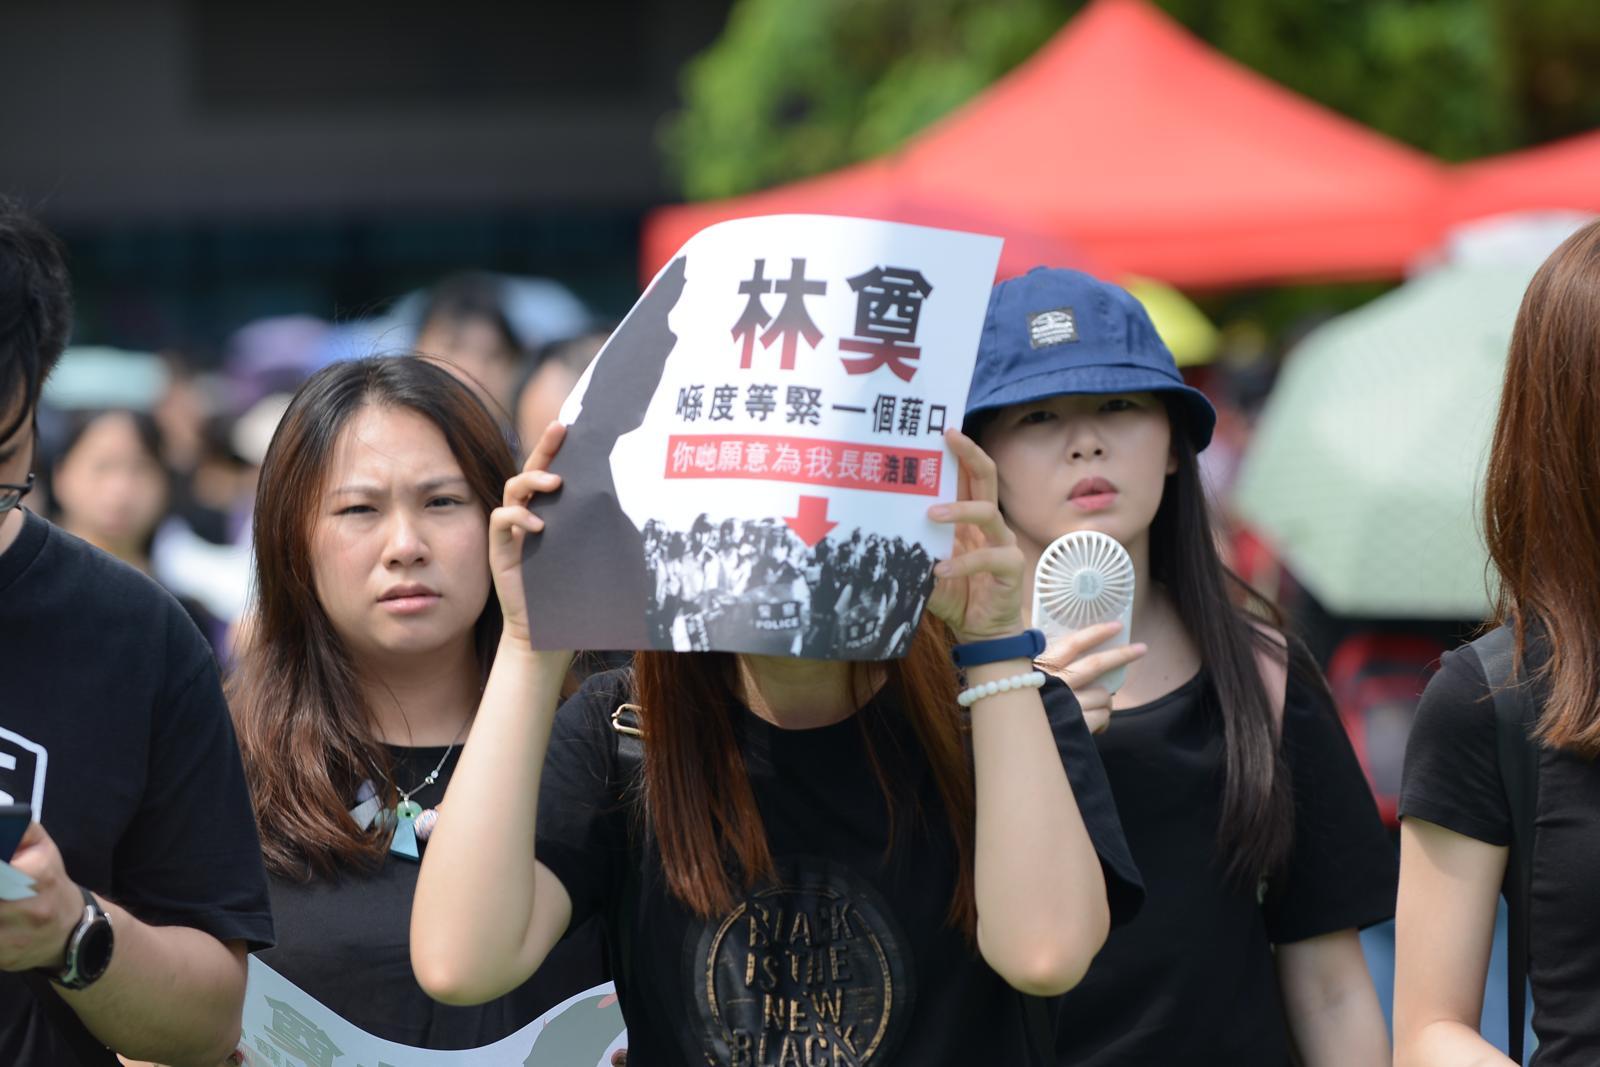 民陣批評港府「身在福中不知福」,抹黑示威者為暴徒。